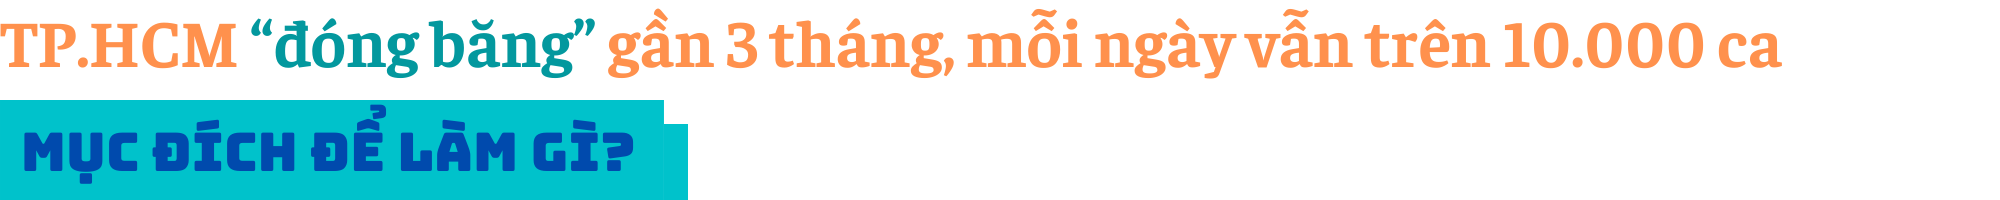 """Kinh tế trưởng ADB: Việt Nam đang bảo vệ """"túi tiền"""" ngân sách hơn là bảo toàn động lực tăng trưởng - Ảnh 2."""